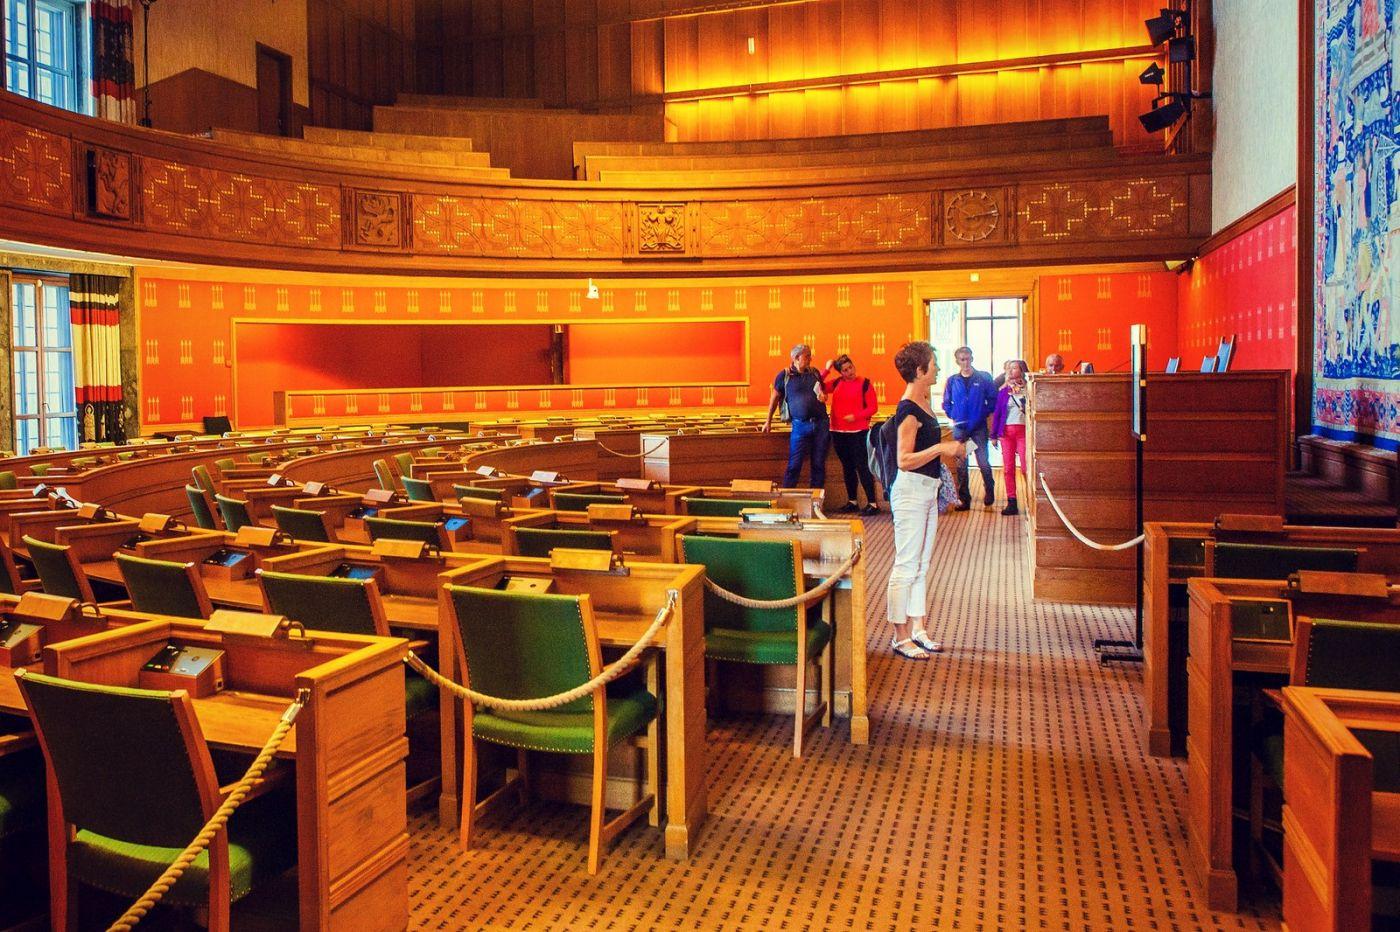 挪威奥塞罗市政厅,有品位_图1-36